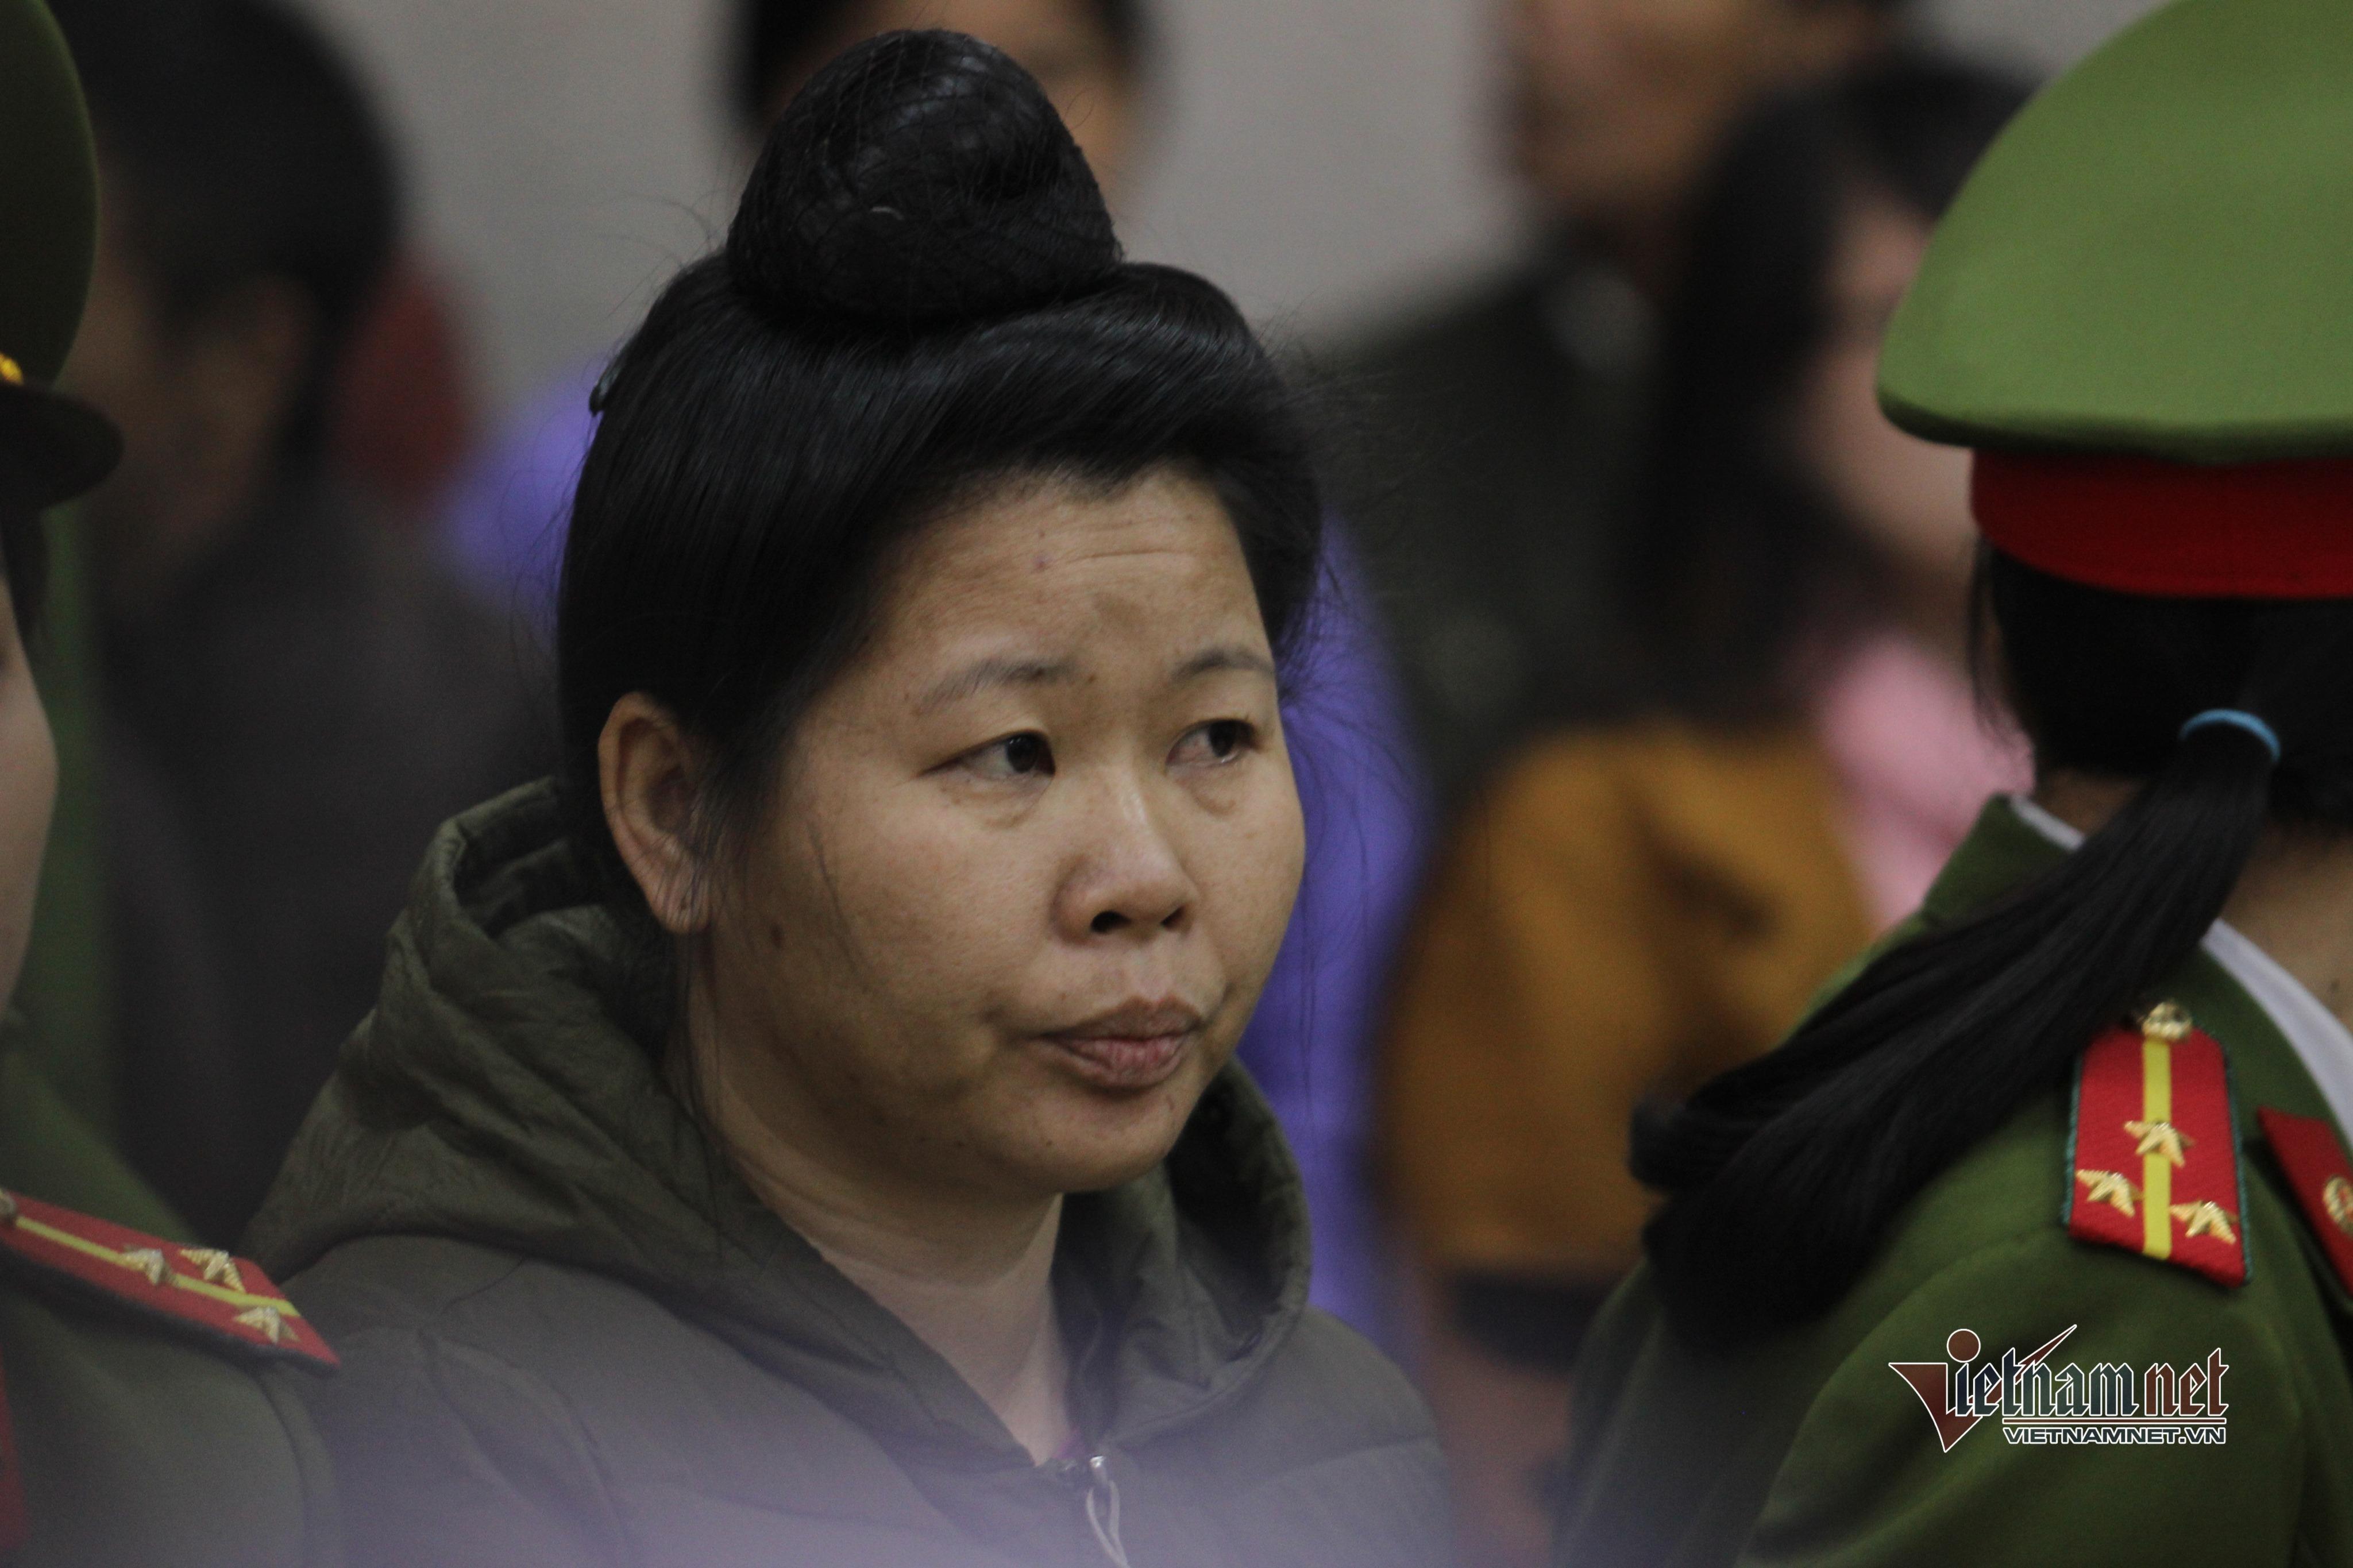 Mẹ nữ sinh giao gà ở Điện Biên bị đề nghị 20 năm tù-1